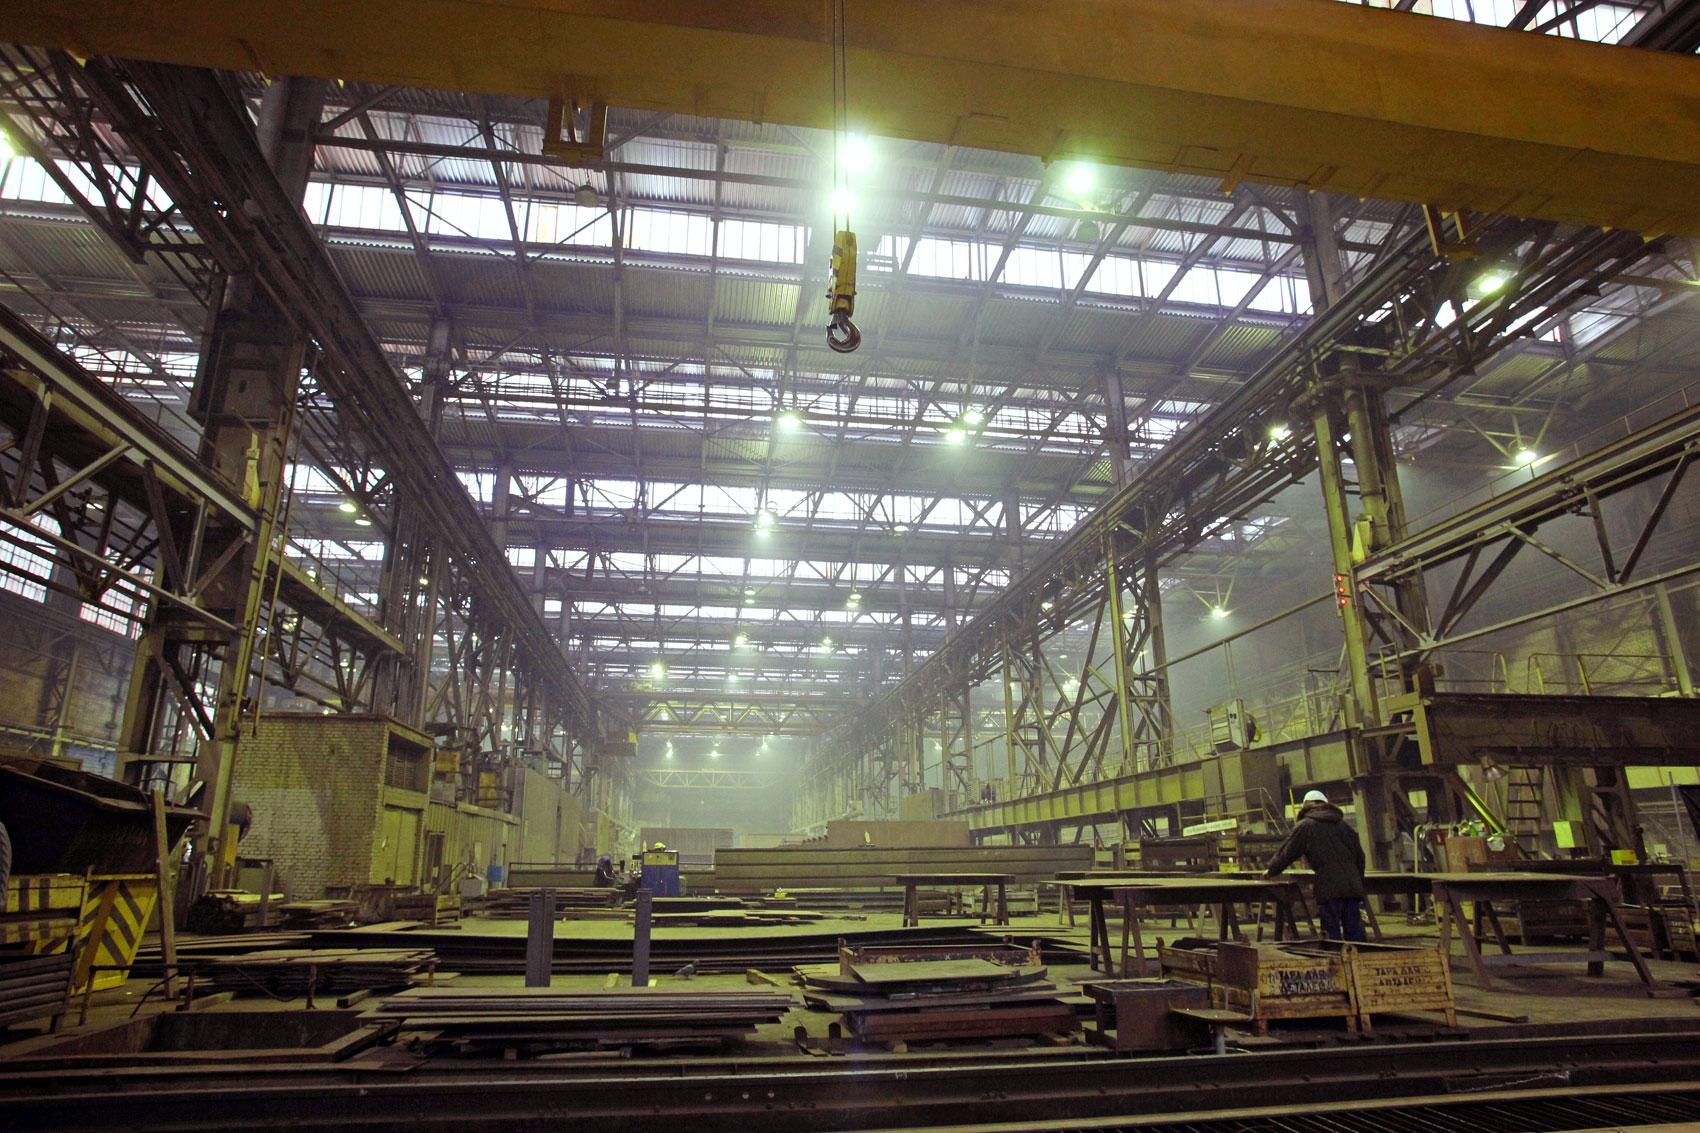 В цеху Выборгского судостроительного завода.